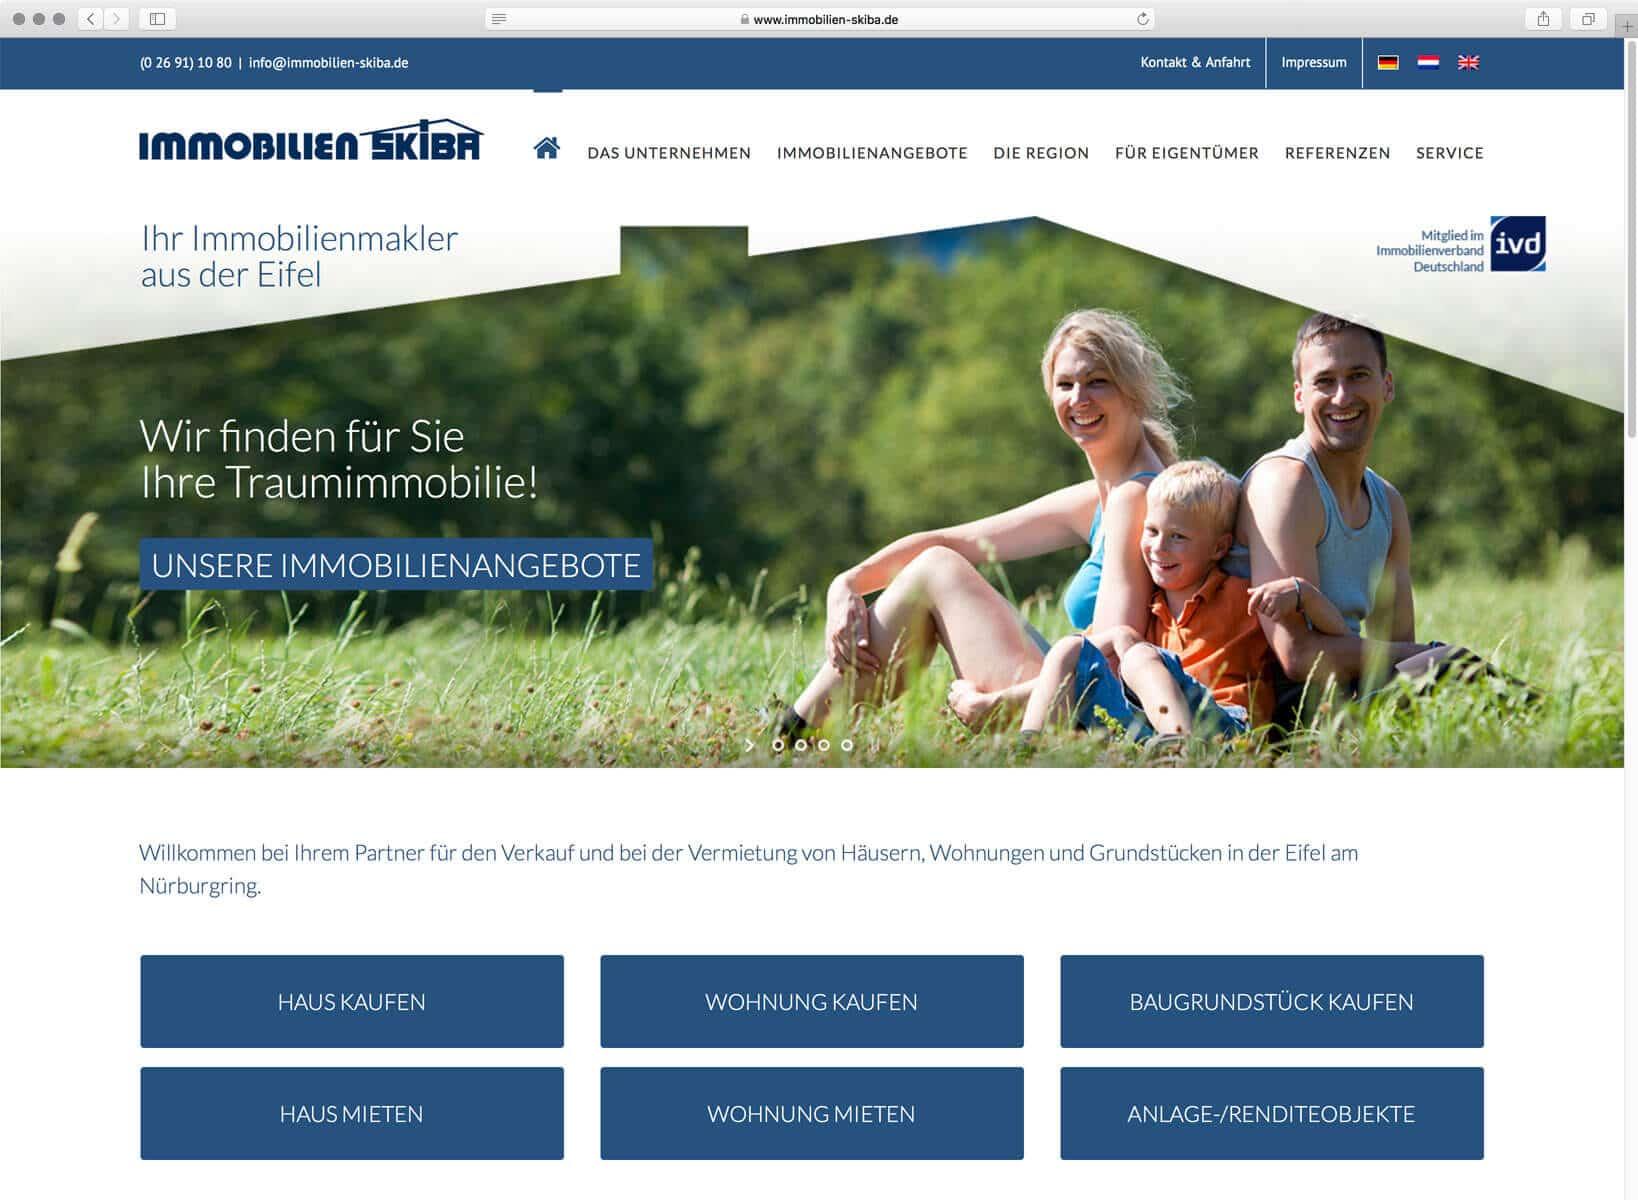 www.immobilien-skiba.de